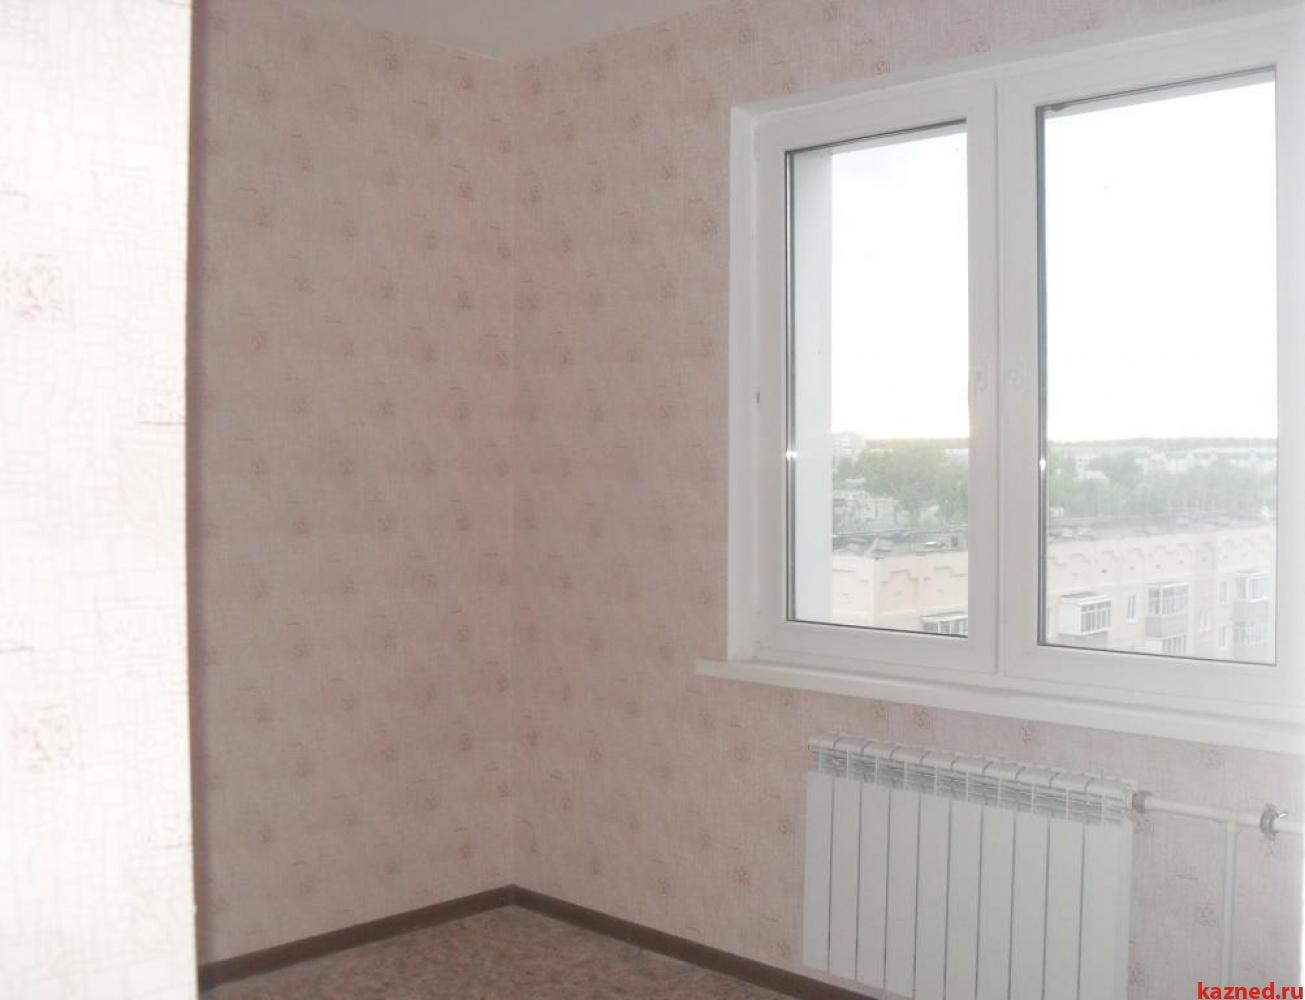 Продажа 2-к квартиры Привокзальная 52, 66 м² (миниатюра №3)